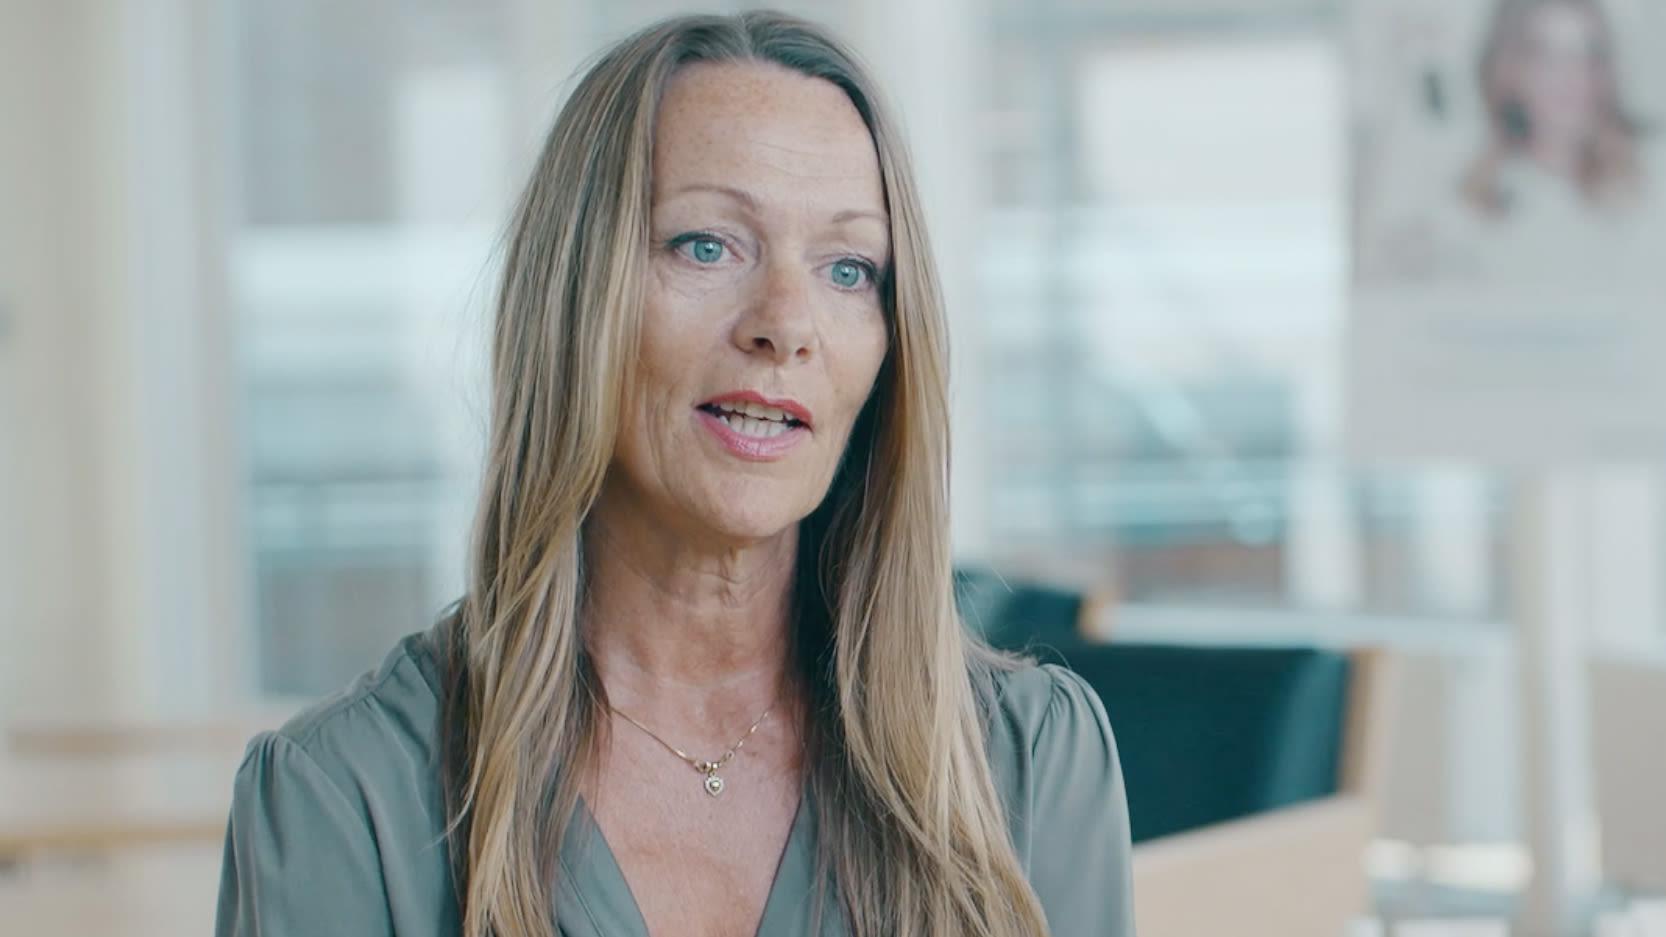 KVALITETSKRAV: Frisør og teamleder Lise Holm-Glad forteller om en omstendelig testprosess der ingen produkter kommer gjennom før de er kategorisert som «veldig bra» eller «ekstremt bra».